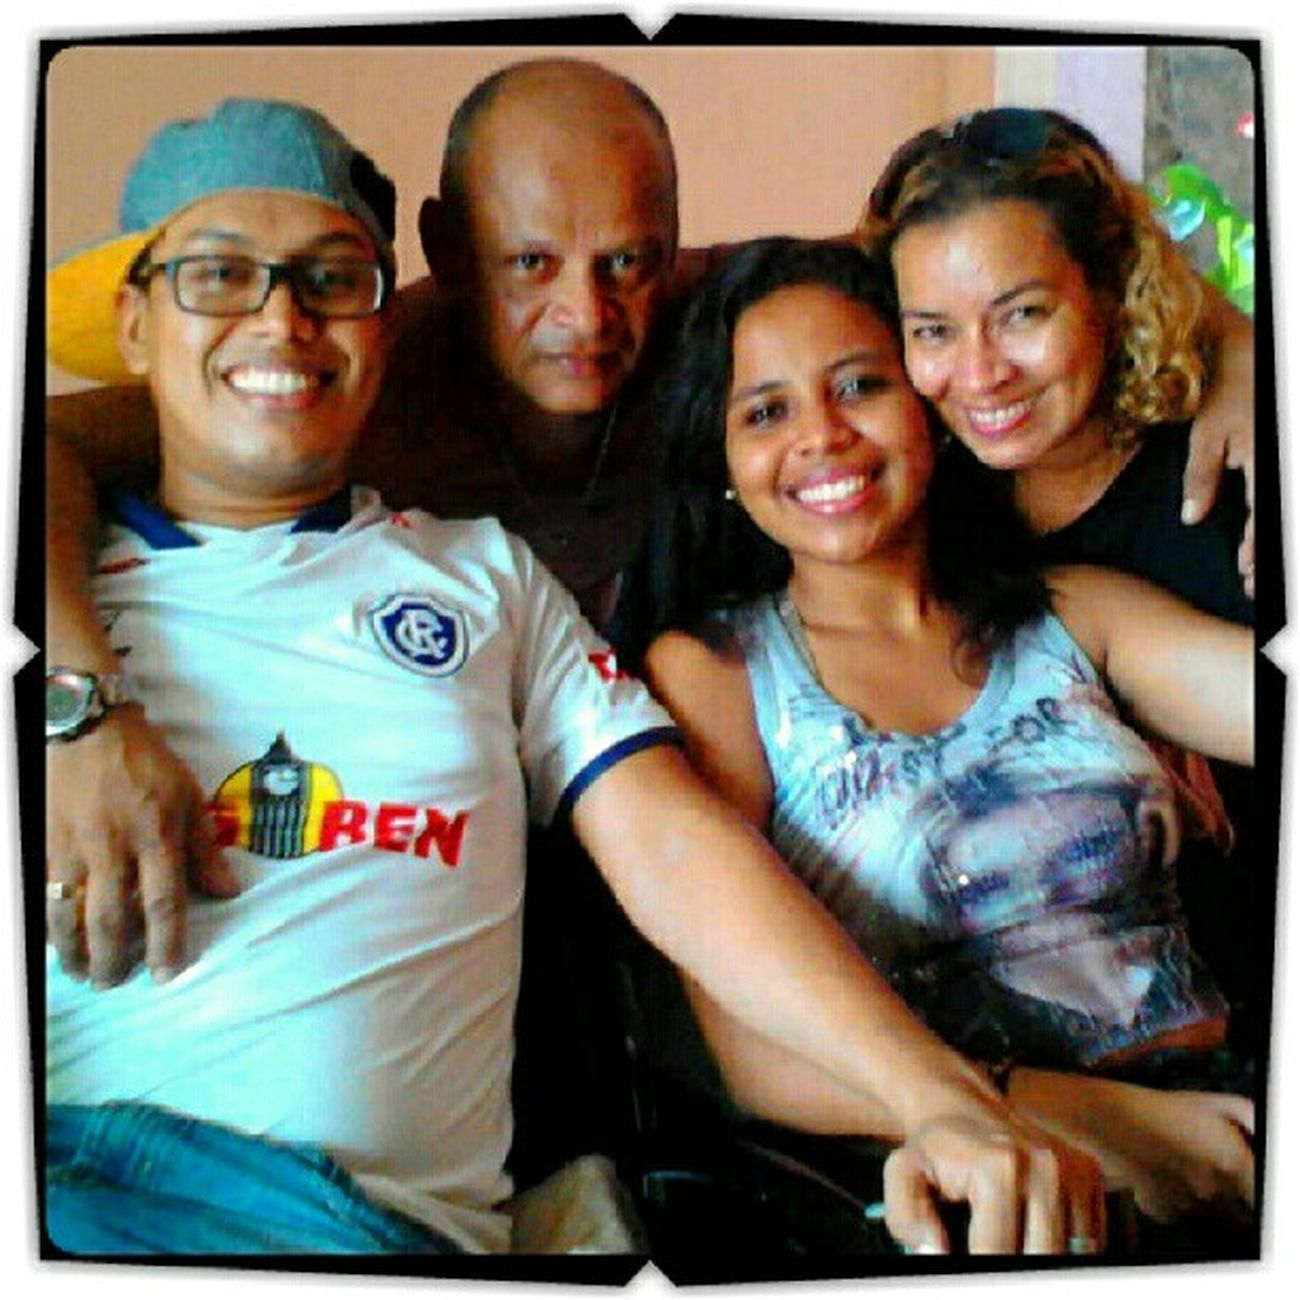 Minha familia, meu amor, minha vida. Meus tudão! Obrigada meu Deus!!! s2 Mãe Pai Irmão Familiaunida Love AmorTodaHora